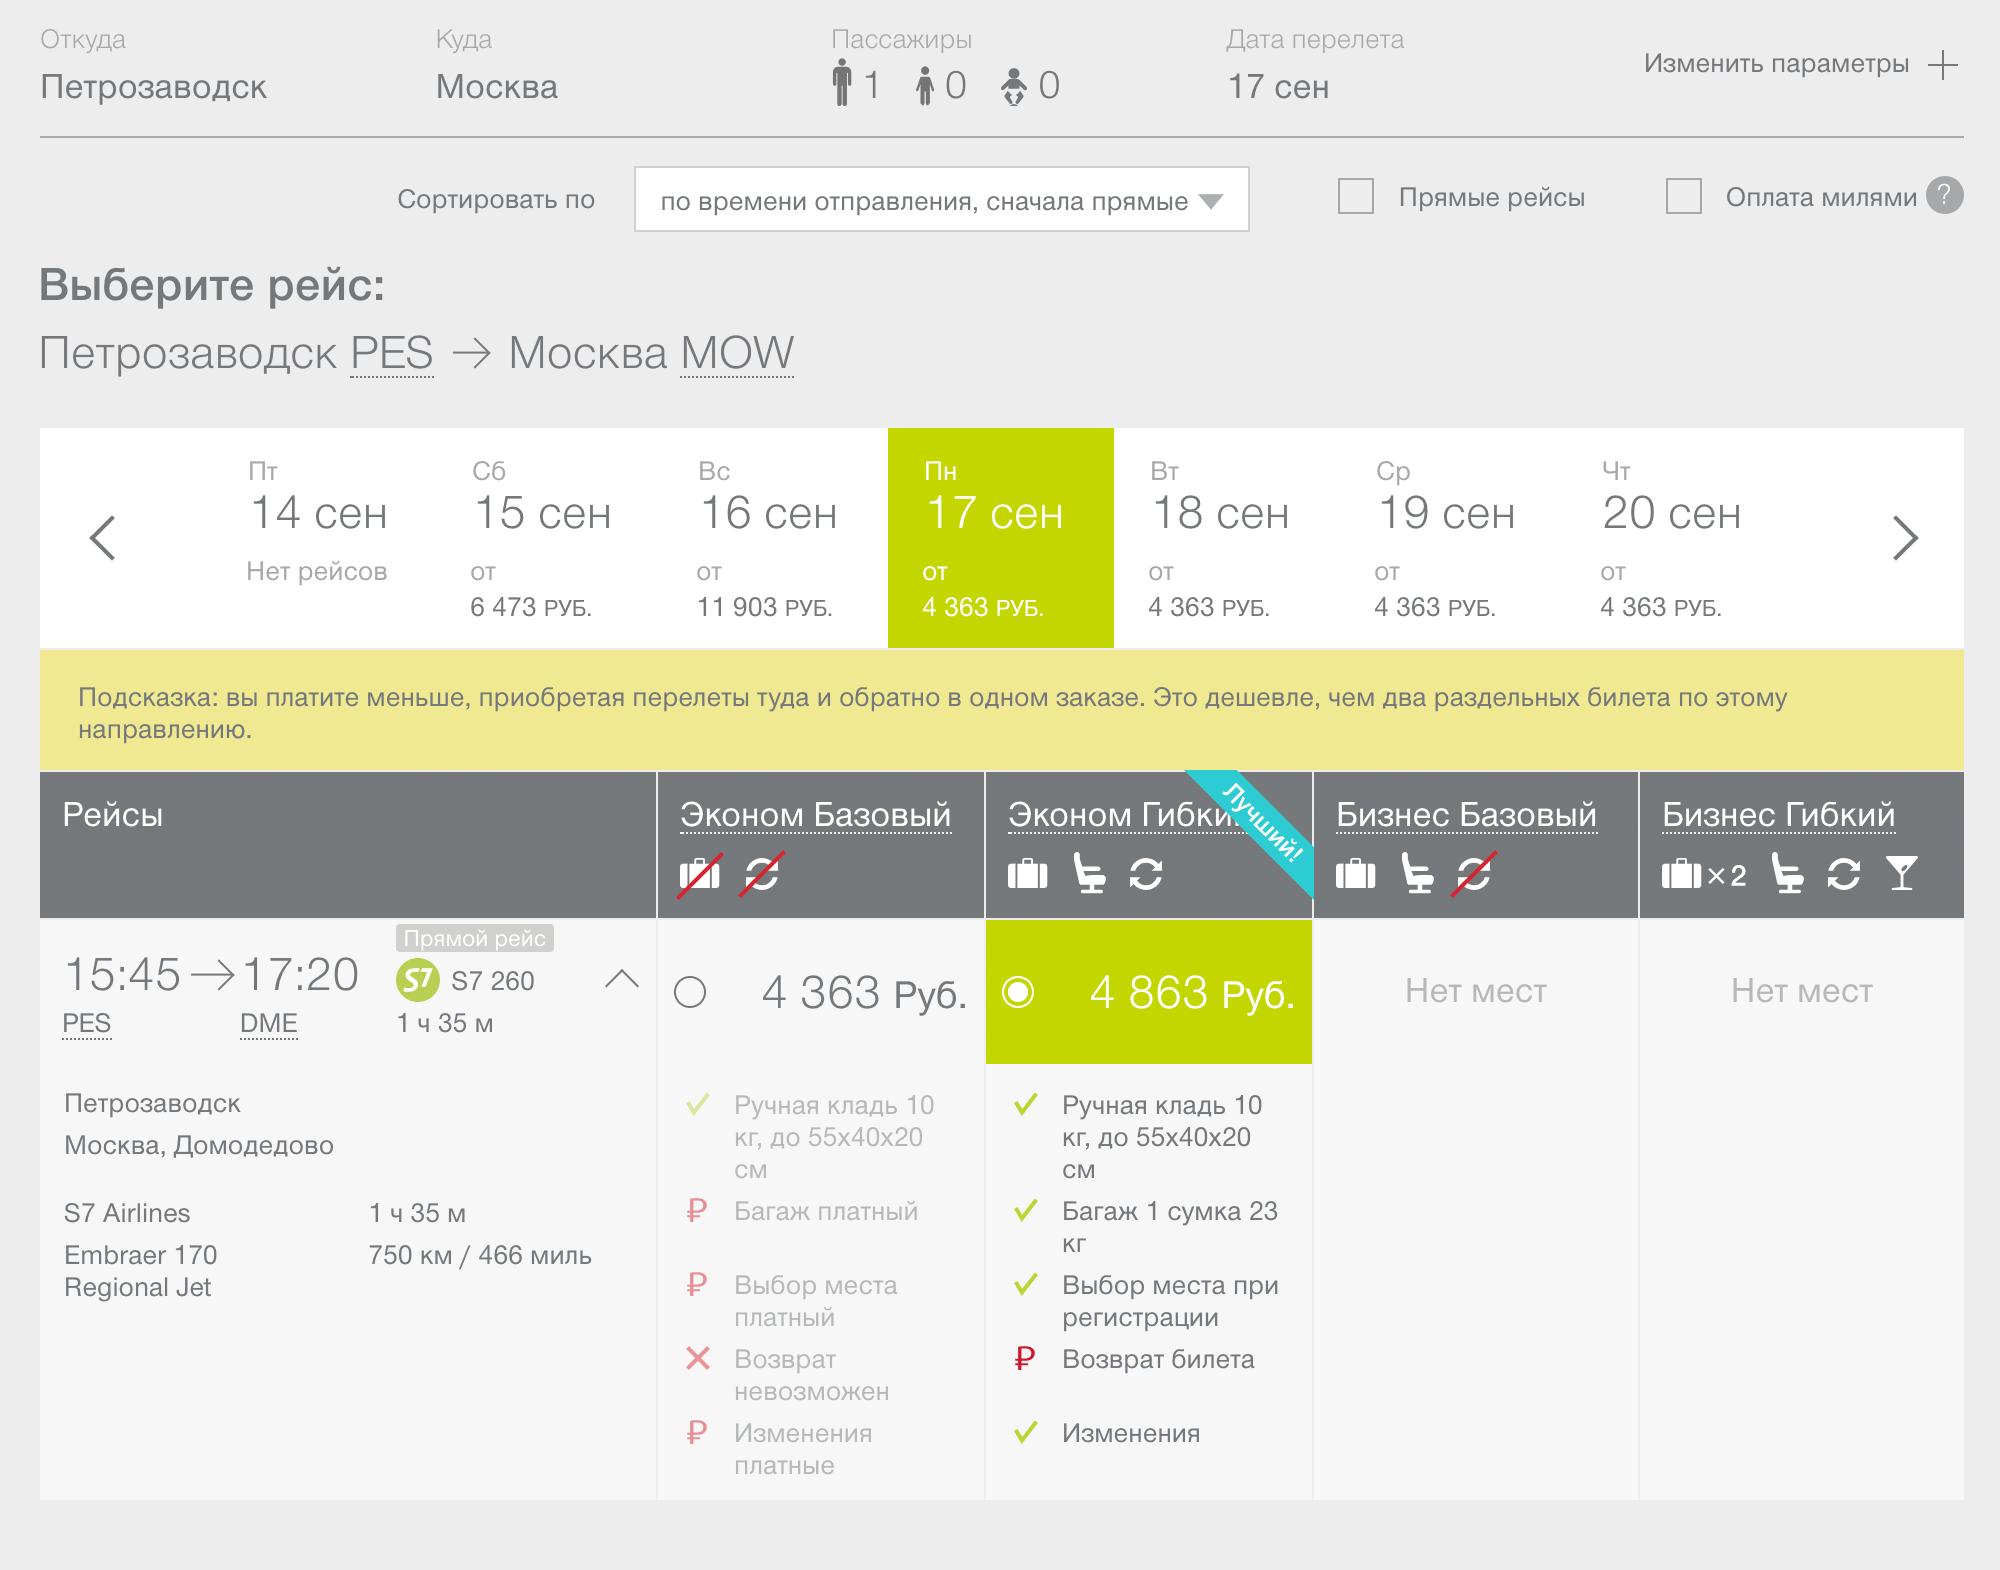 Билет на самолет до Москвы стоит в среднем 4500рублей